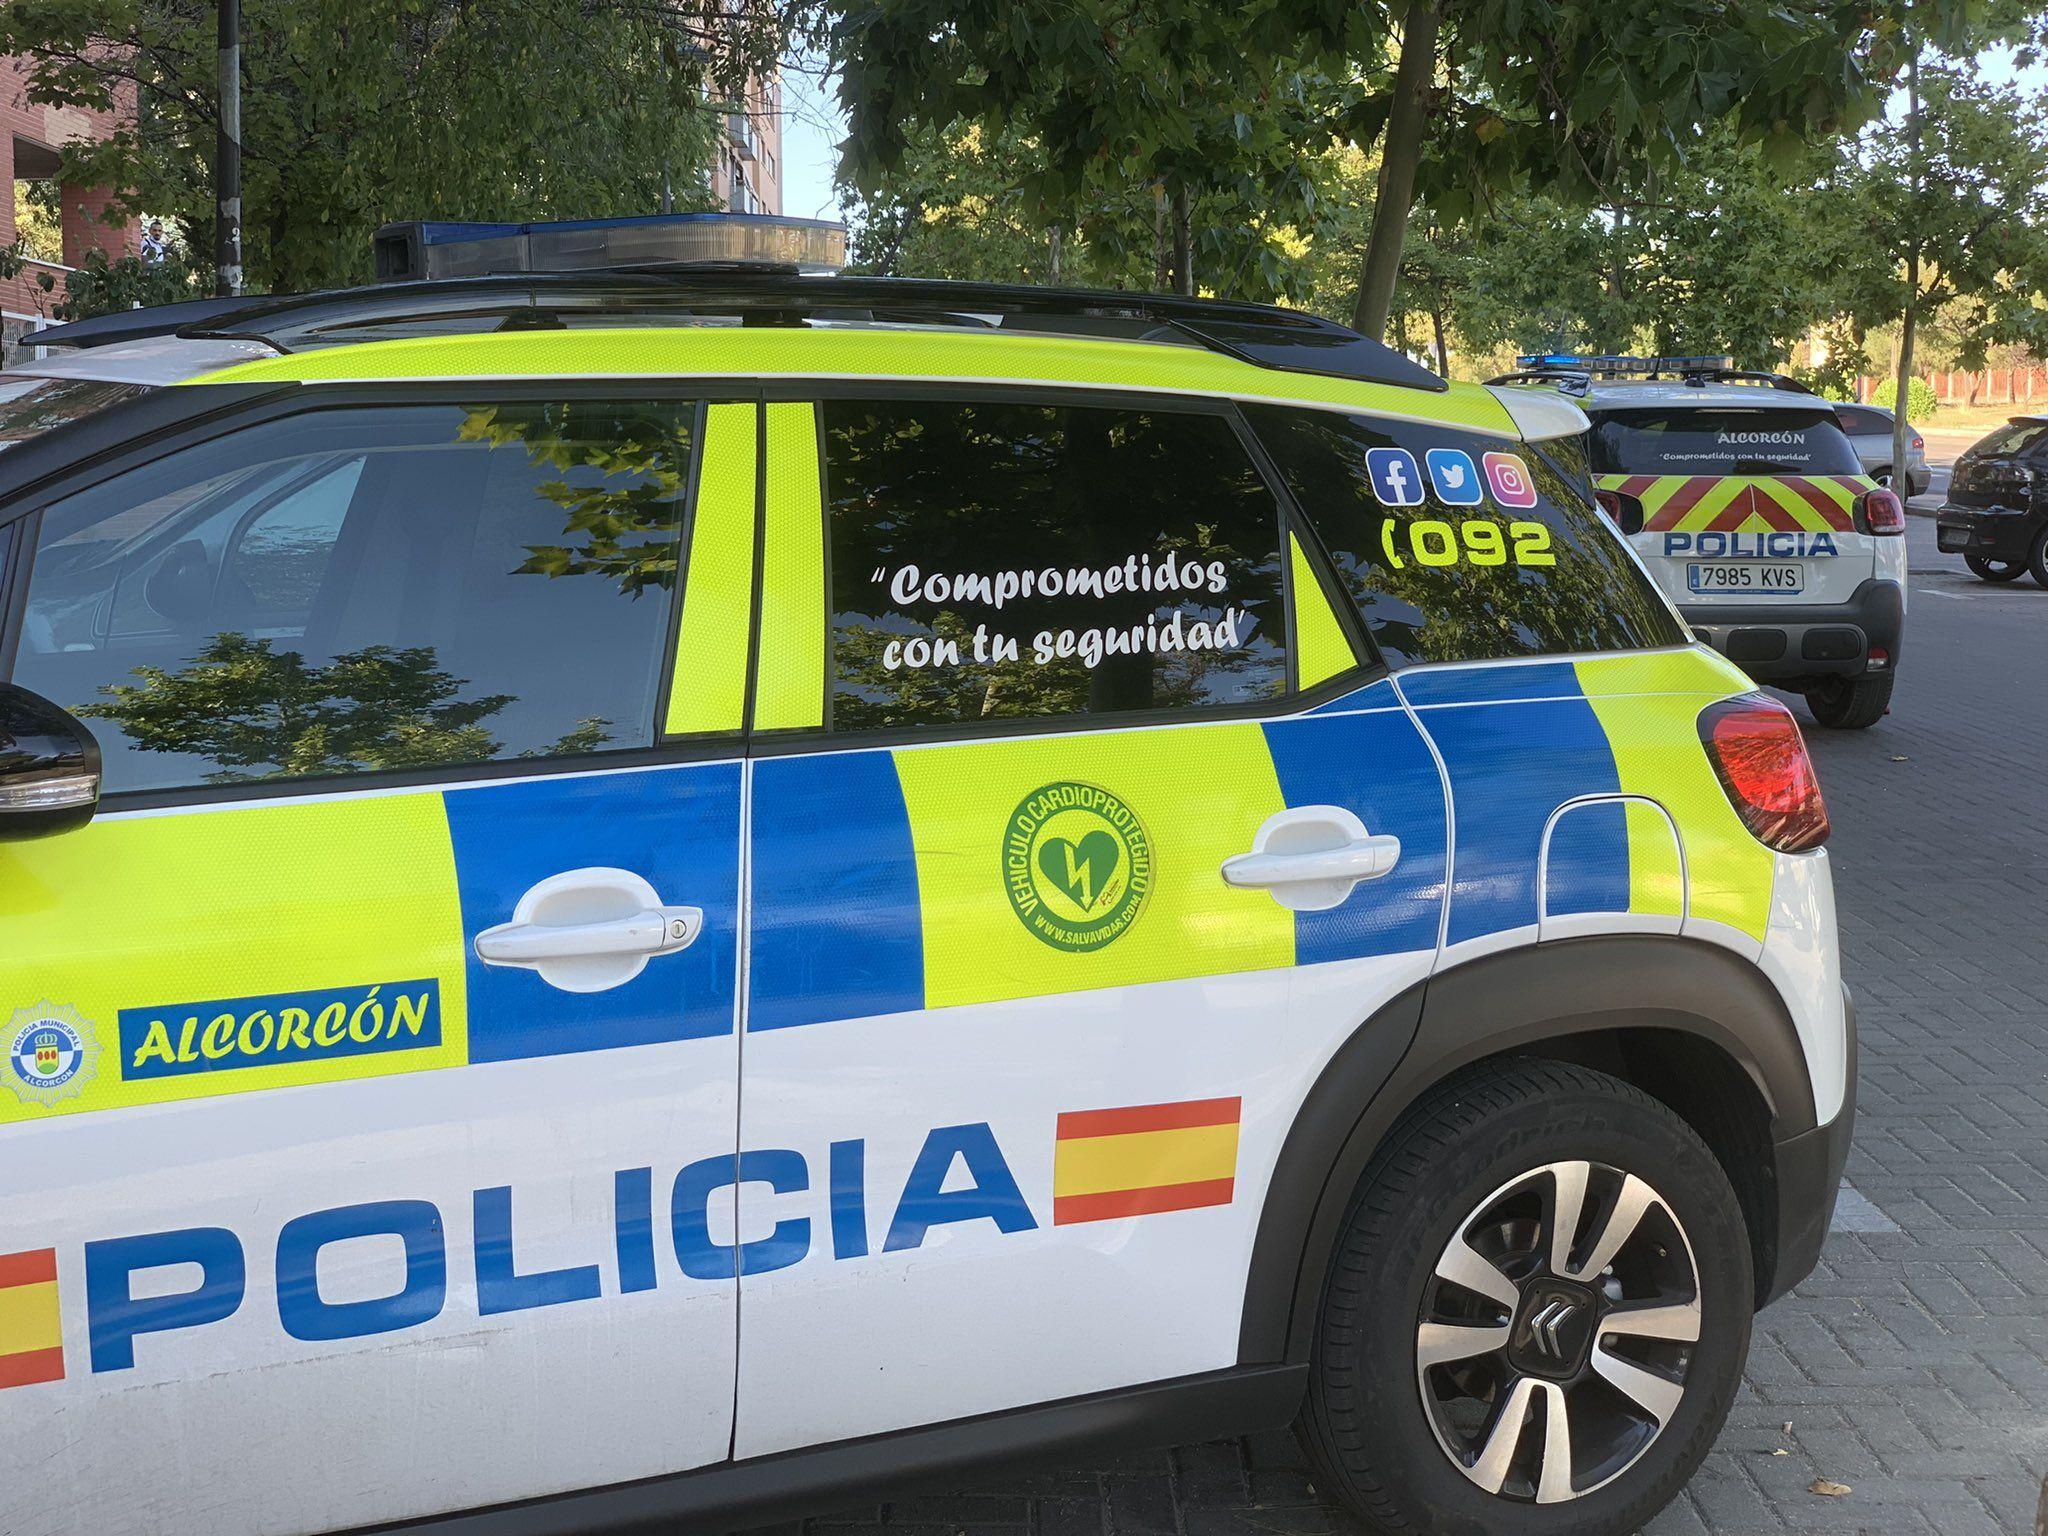 Un hombre trata de agredir a la Policía tras negarse a hacer un control en Alcorcón